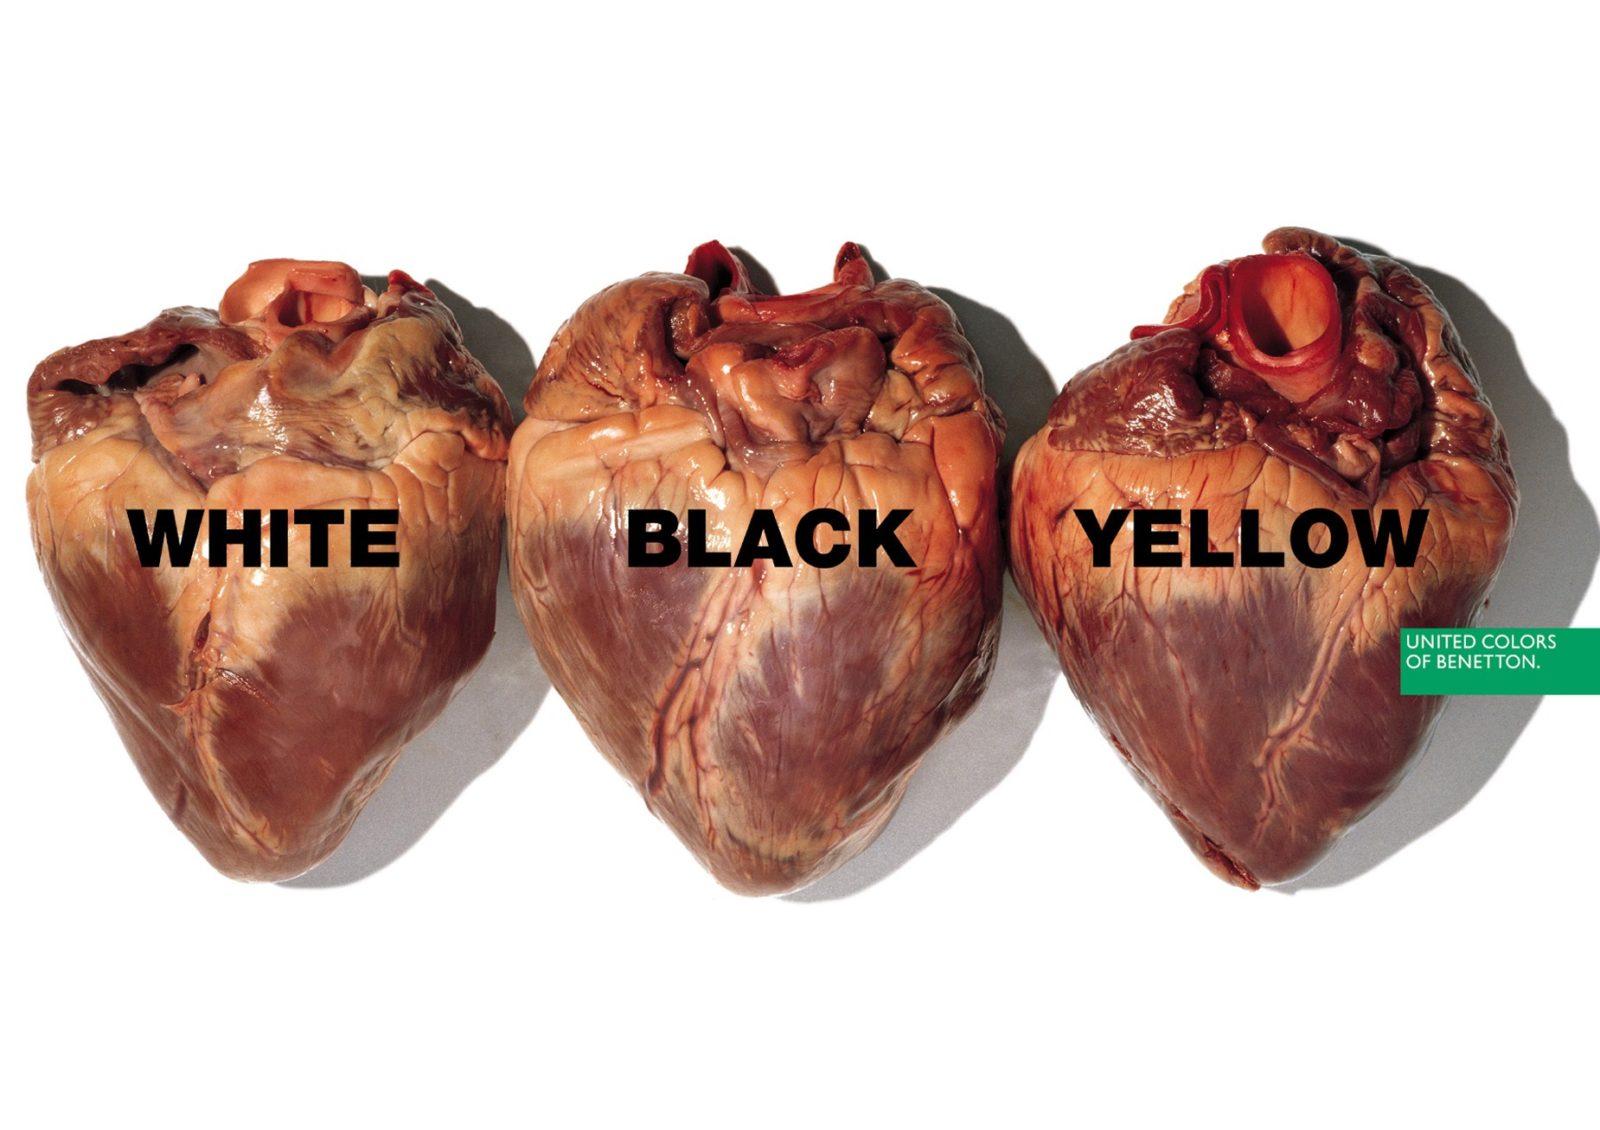 Fotografia reklamowa marki Benetton. Na zdjęciu widać trzy ludzkie serca po kolei podpisane - white, black, yellow.